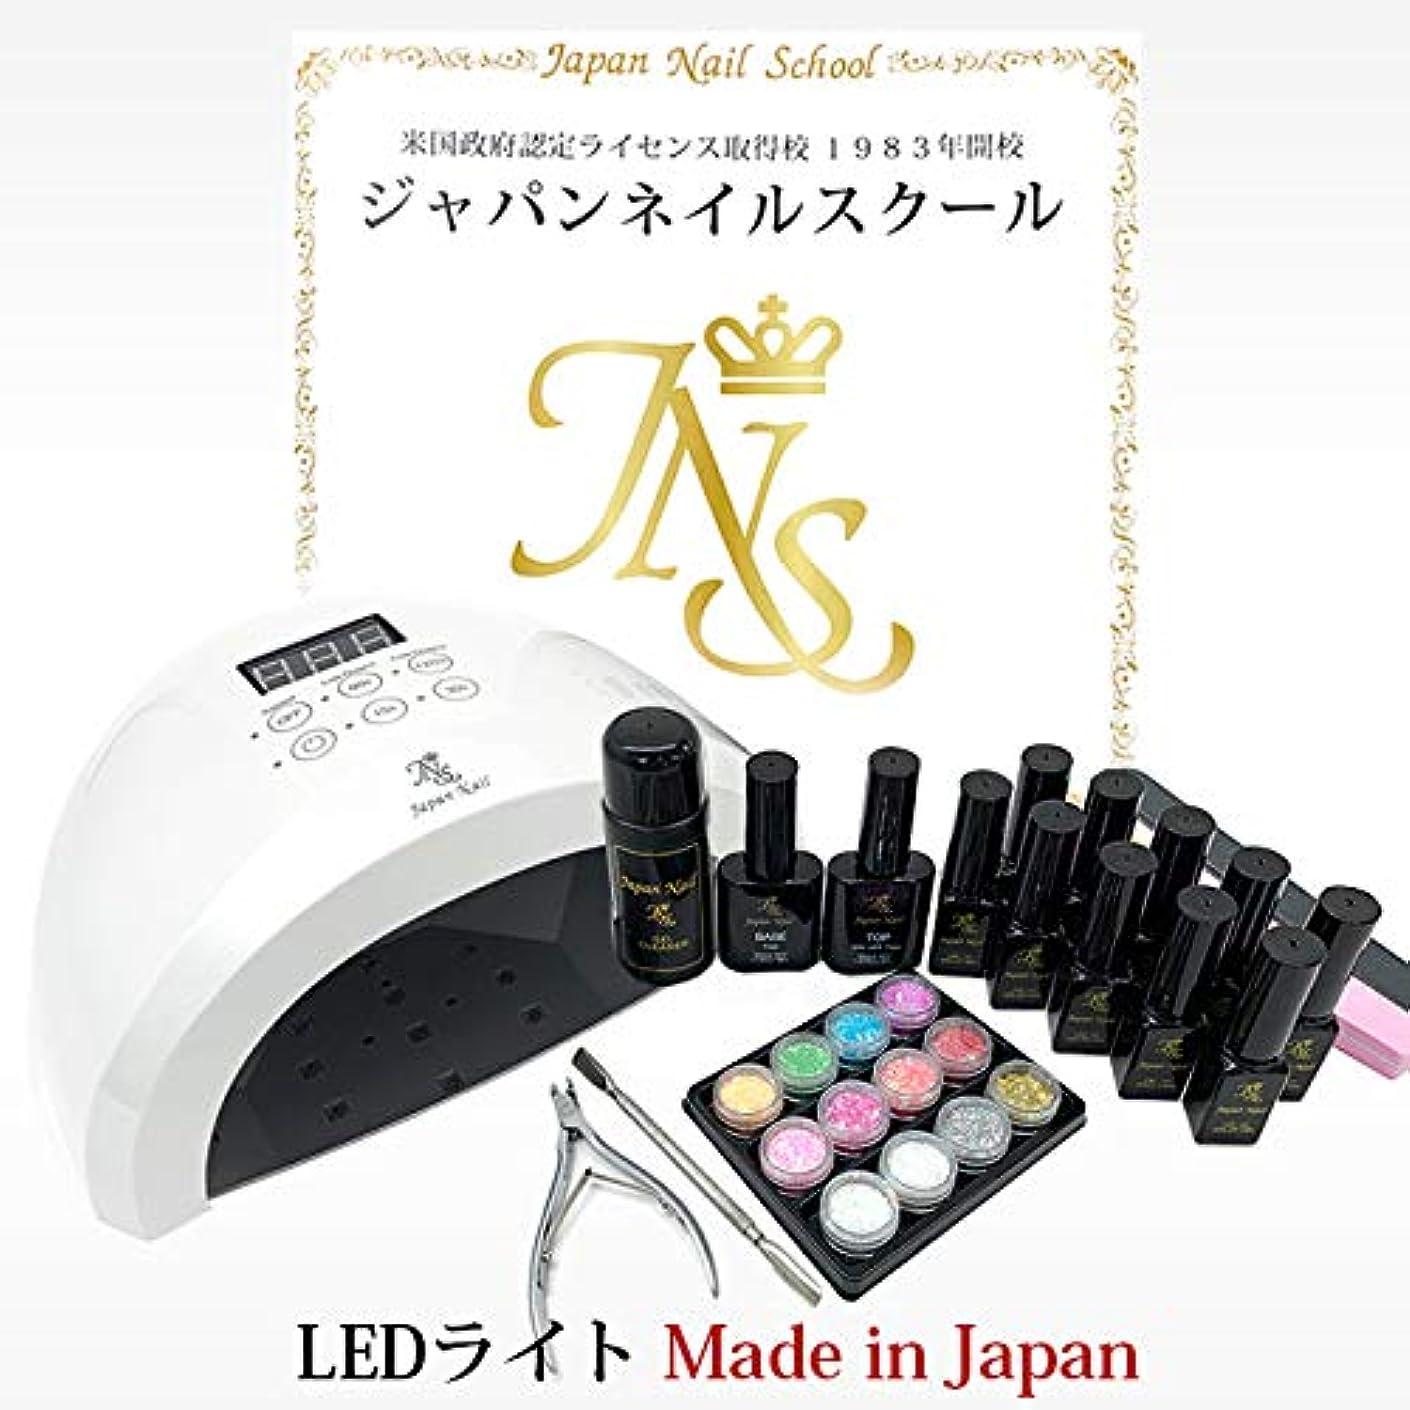 製造容器支店日本製 弱爪?傷爪でも熱くない2つのローダウン機能搭載ジェルネイルキット最新型日本製LEDライトn7初心者も安心の5年間サポート付